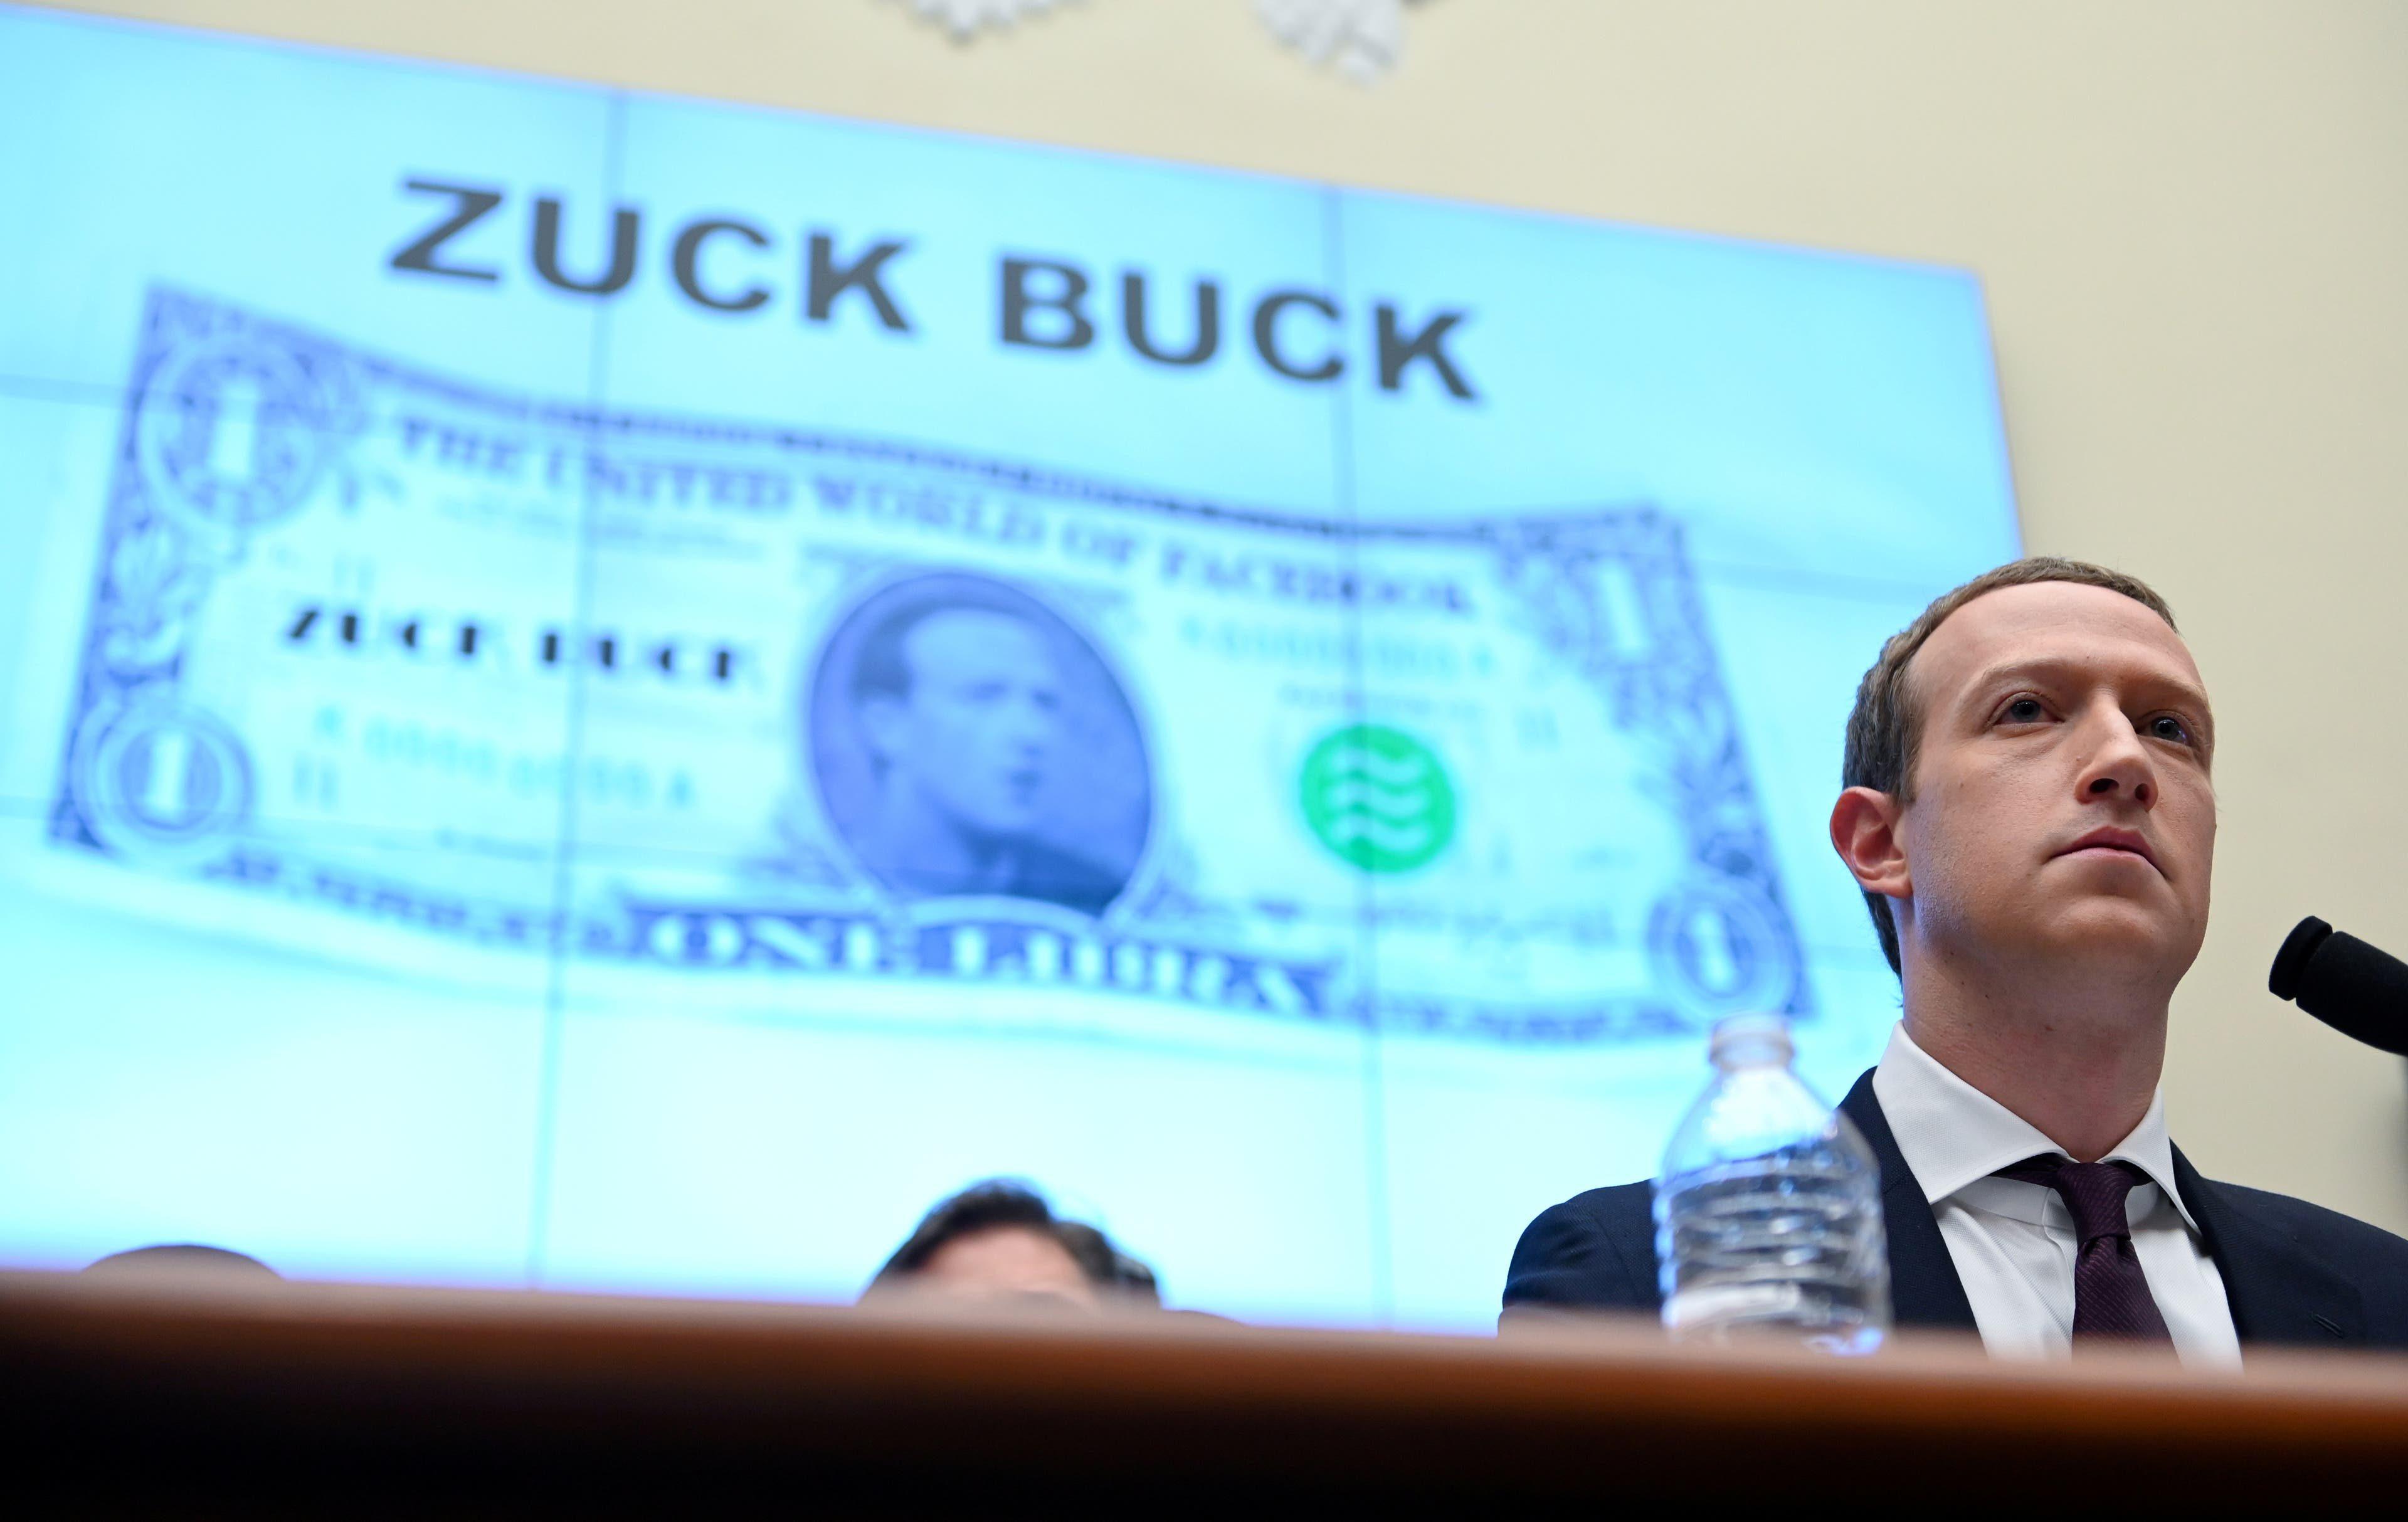 giá bitcoin: Tầm nhìn 2030 của Mark Zuckerberg cho Facebook: Chú trọng thương mại điện tử, không đề cập gì đến Libra